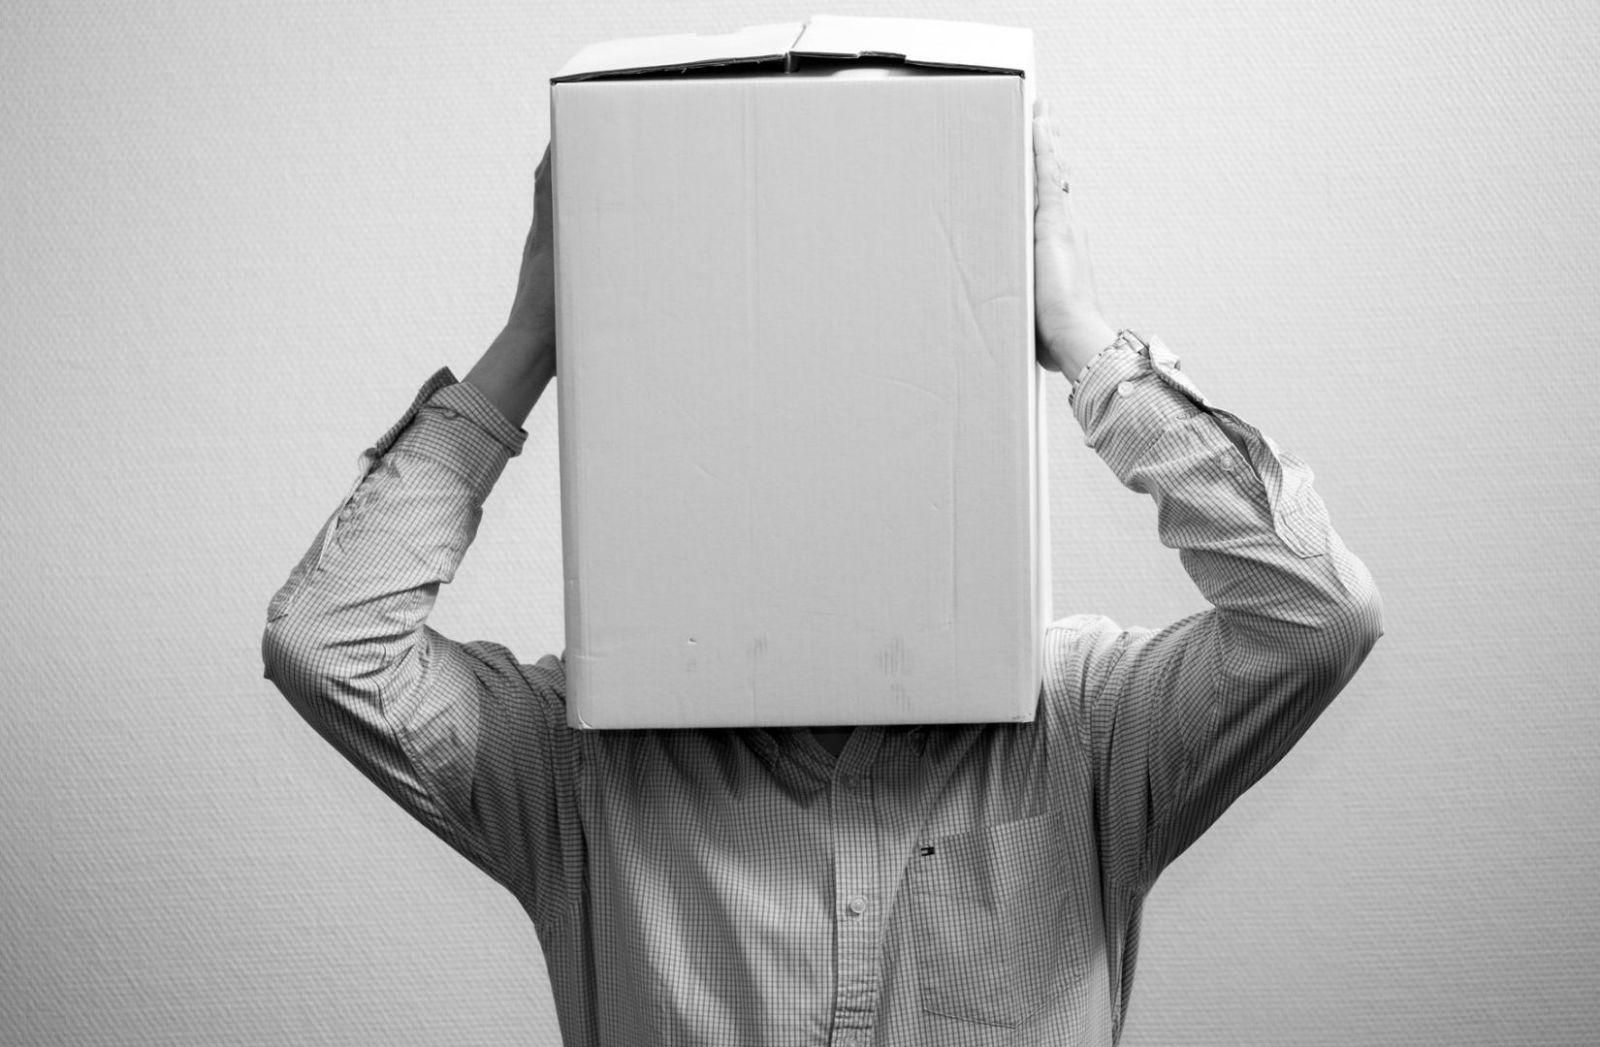 Karton über dem Kopf als Symbol der Krise. (Foto: Ante Hamersmit, Unsplash.com)